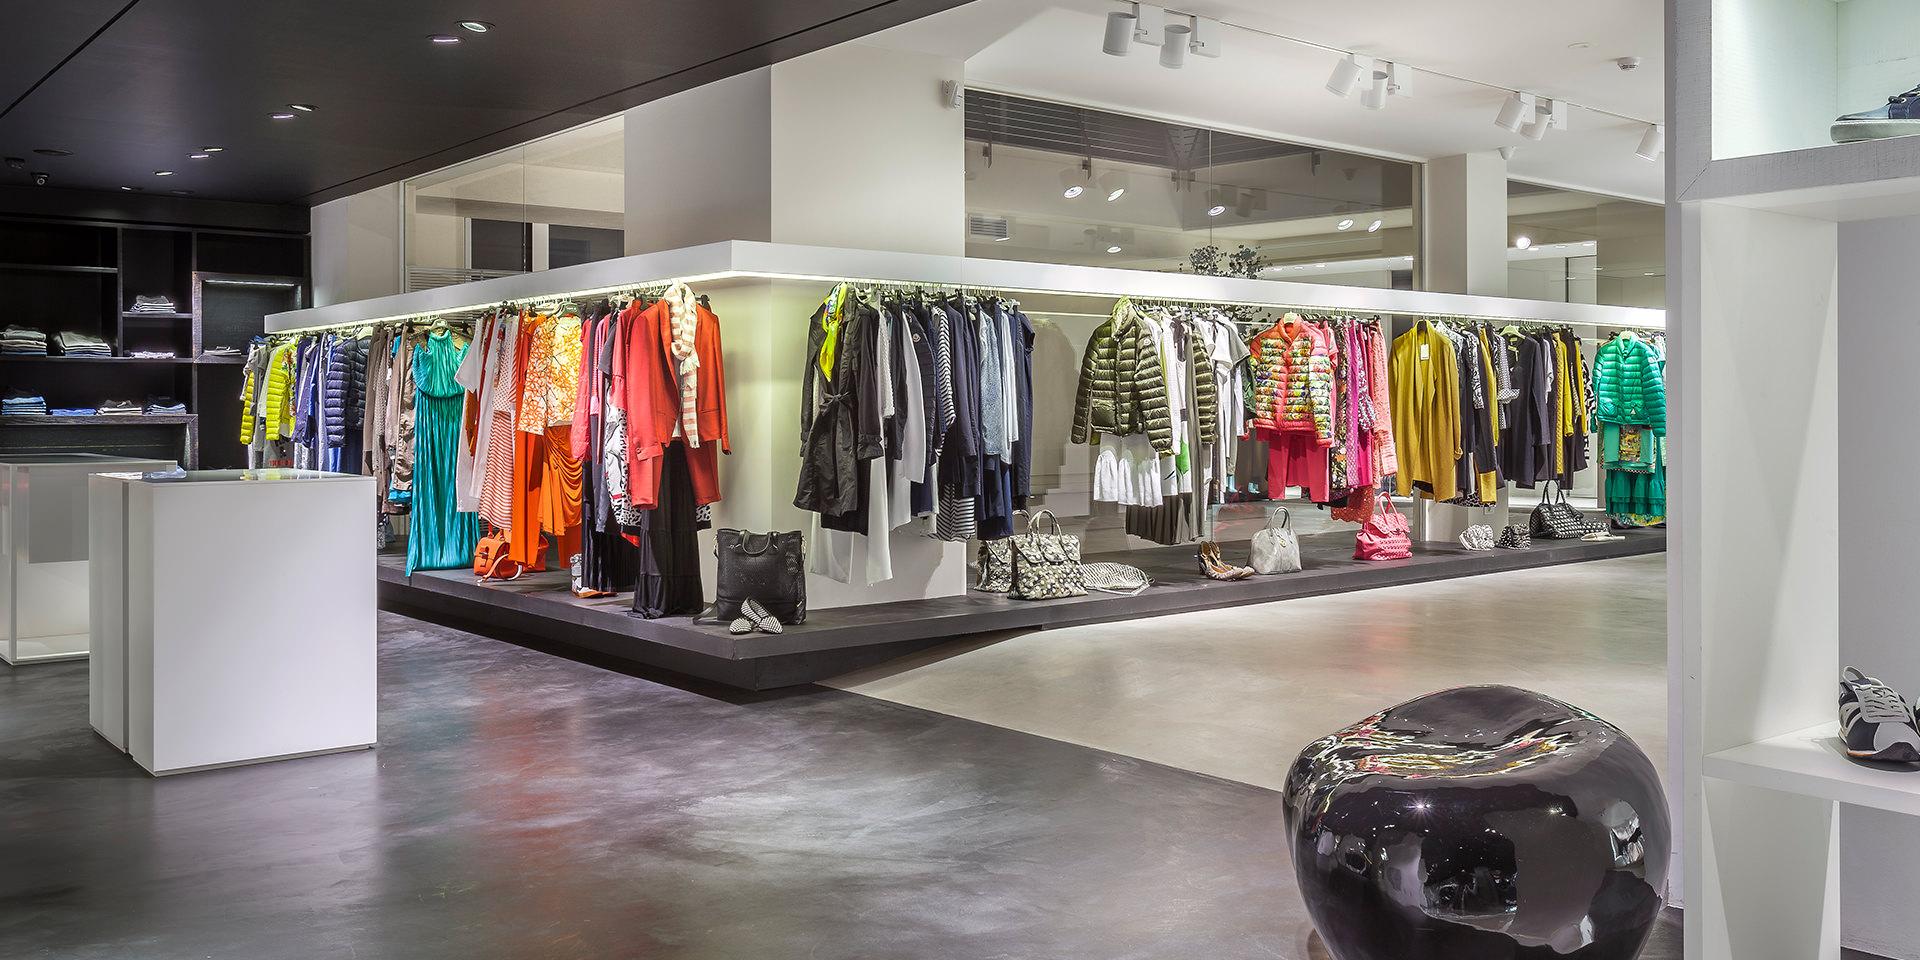 negozio boutique abiti marca colori ambiente interni